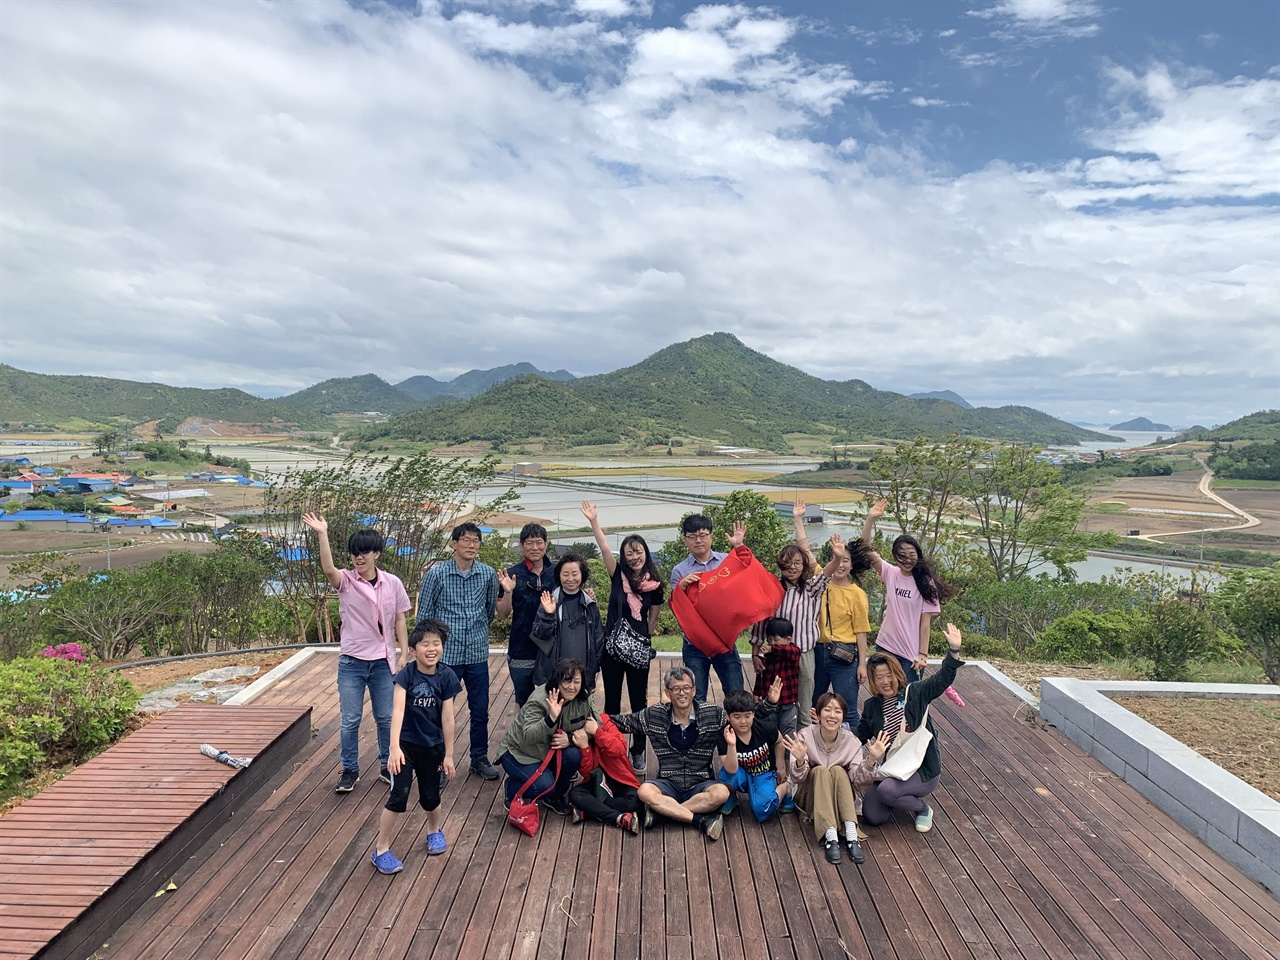 인생학교 4기 동기들입니다 섬마을 인생학교 동기들입니다. 전국 방방곡곡에 흩어져서 살고 있겠지만, 분명히 그들이 있어 행복할 겁니다.